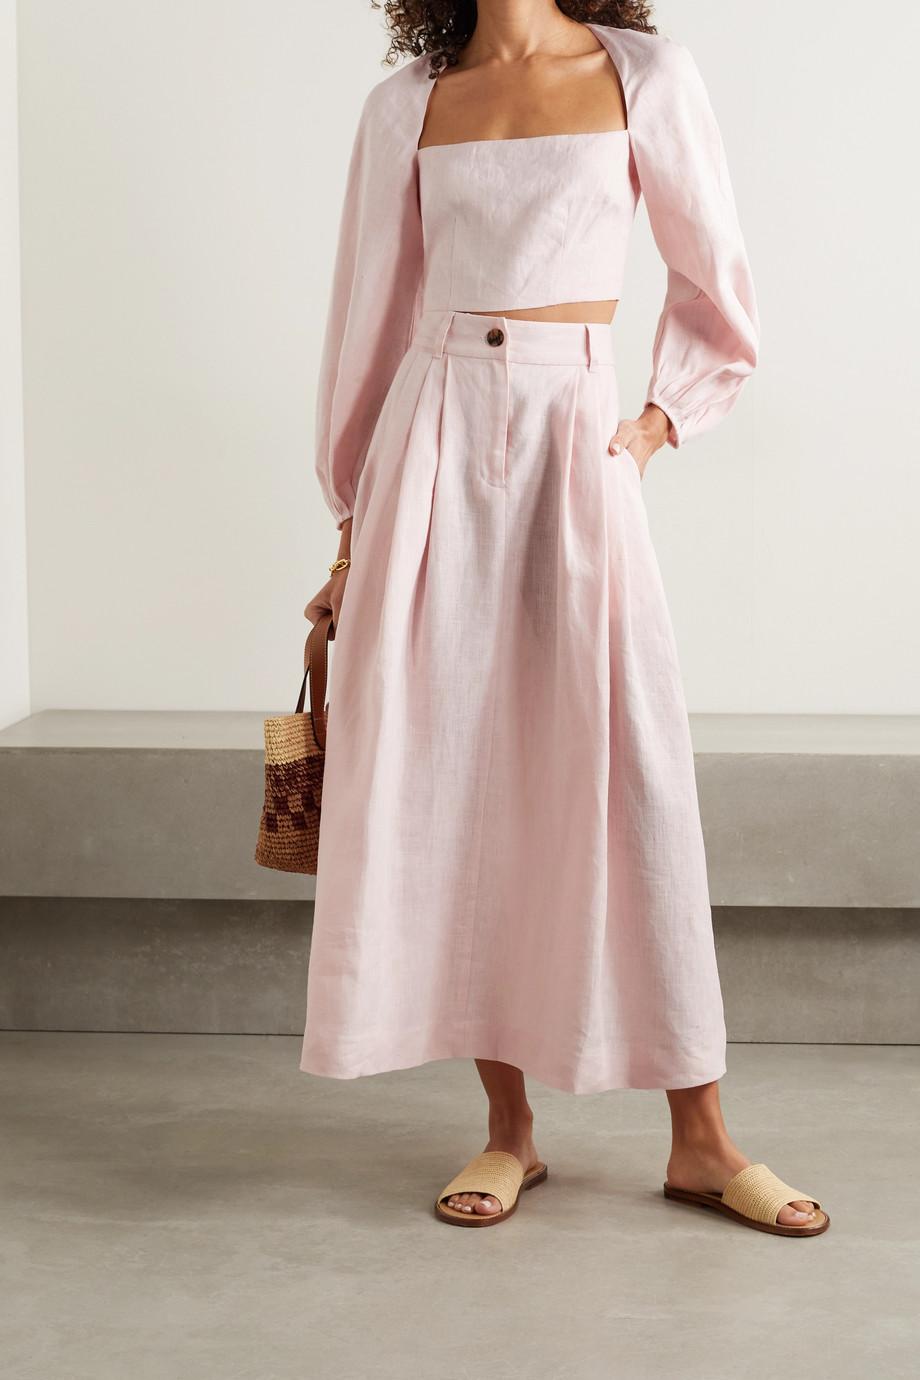 Mara Hoffman + NET SUSTAIN Tulay pleated hemp skirt